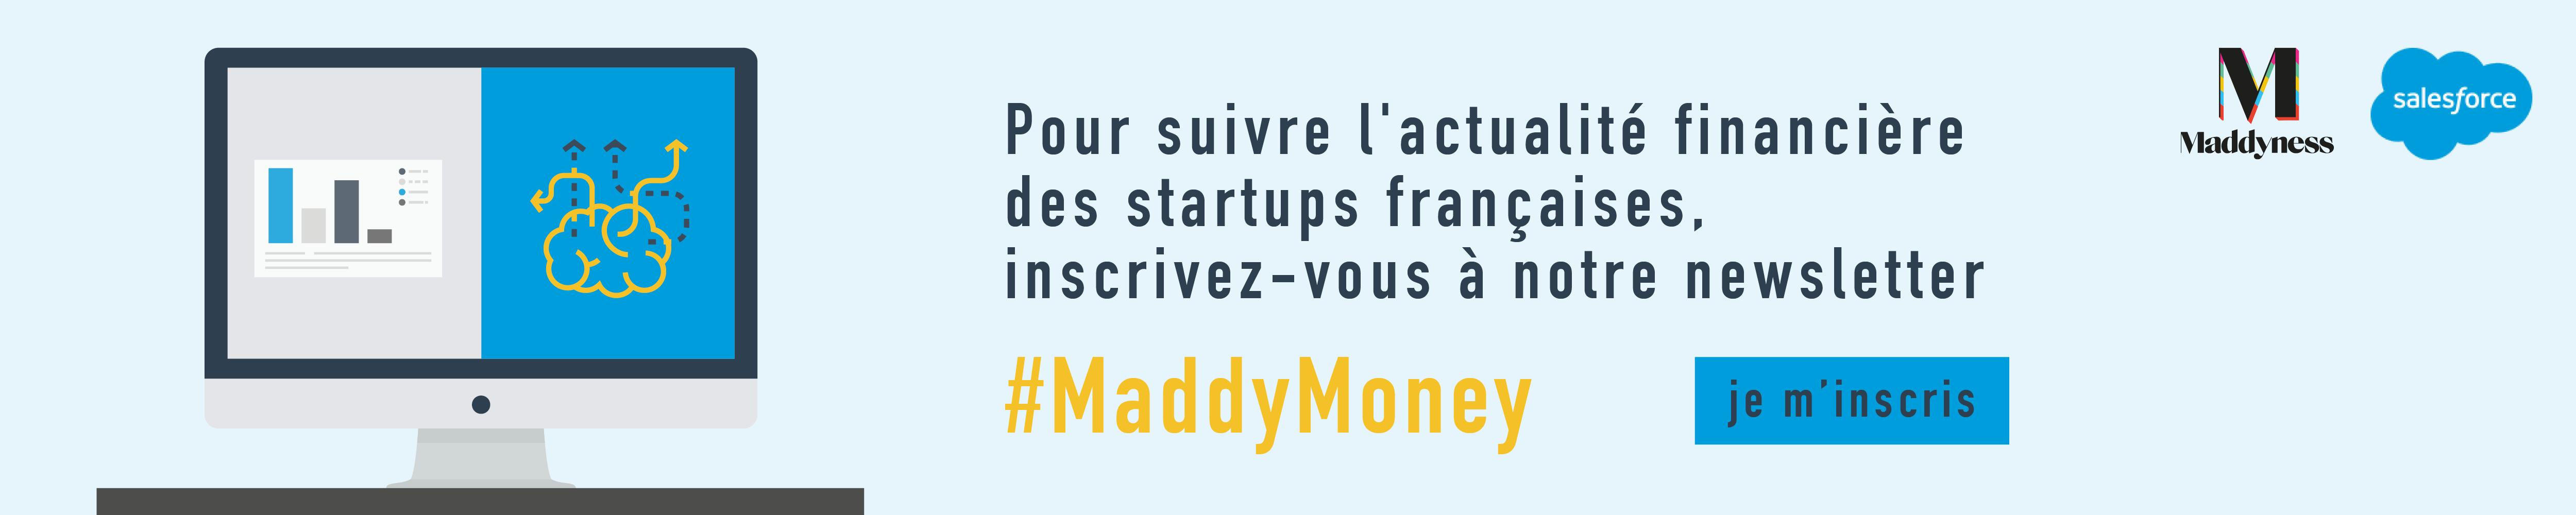 maddymoney_baniereV2